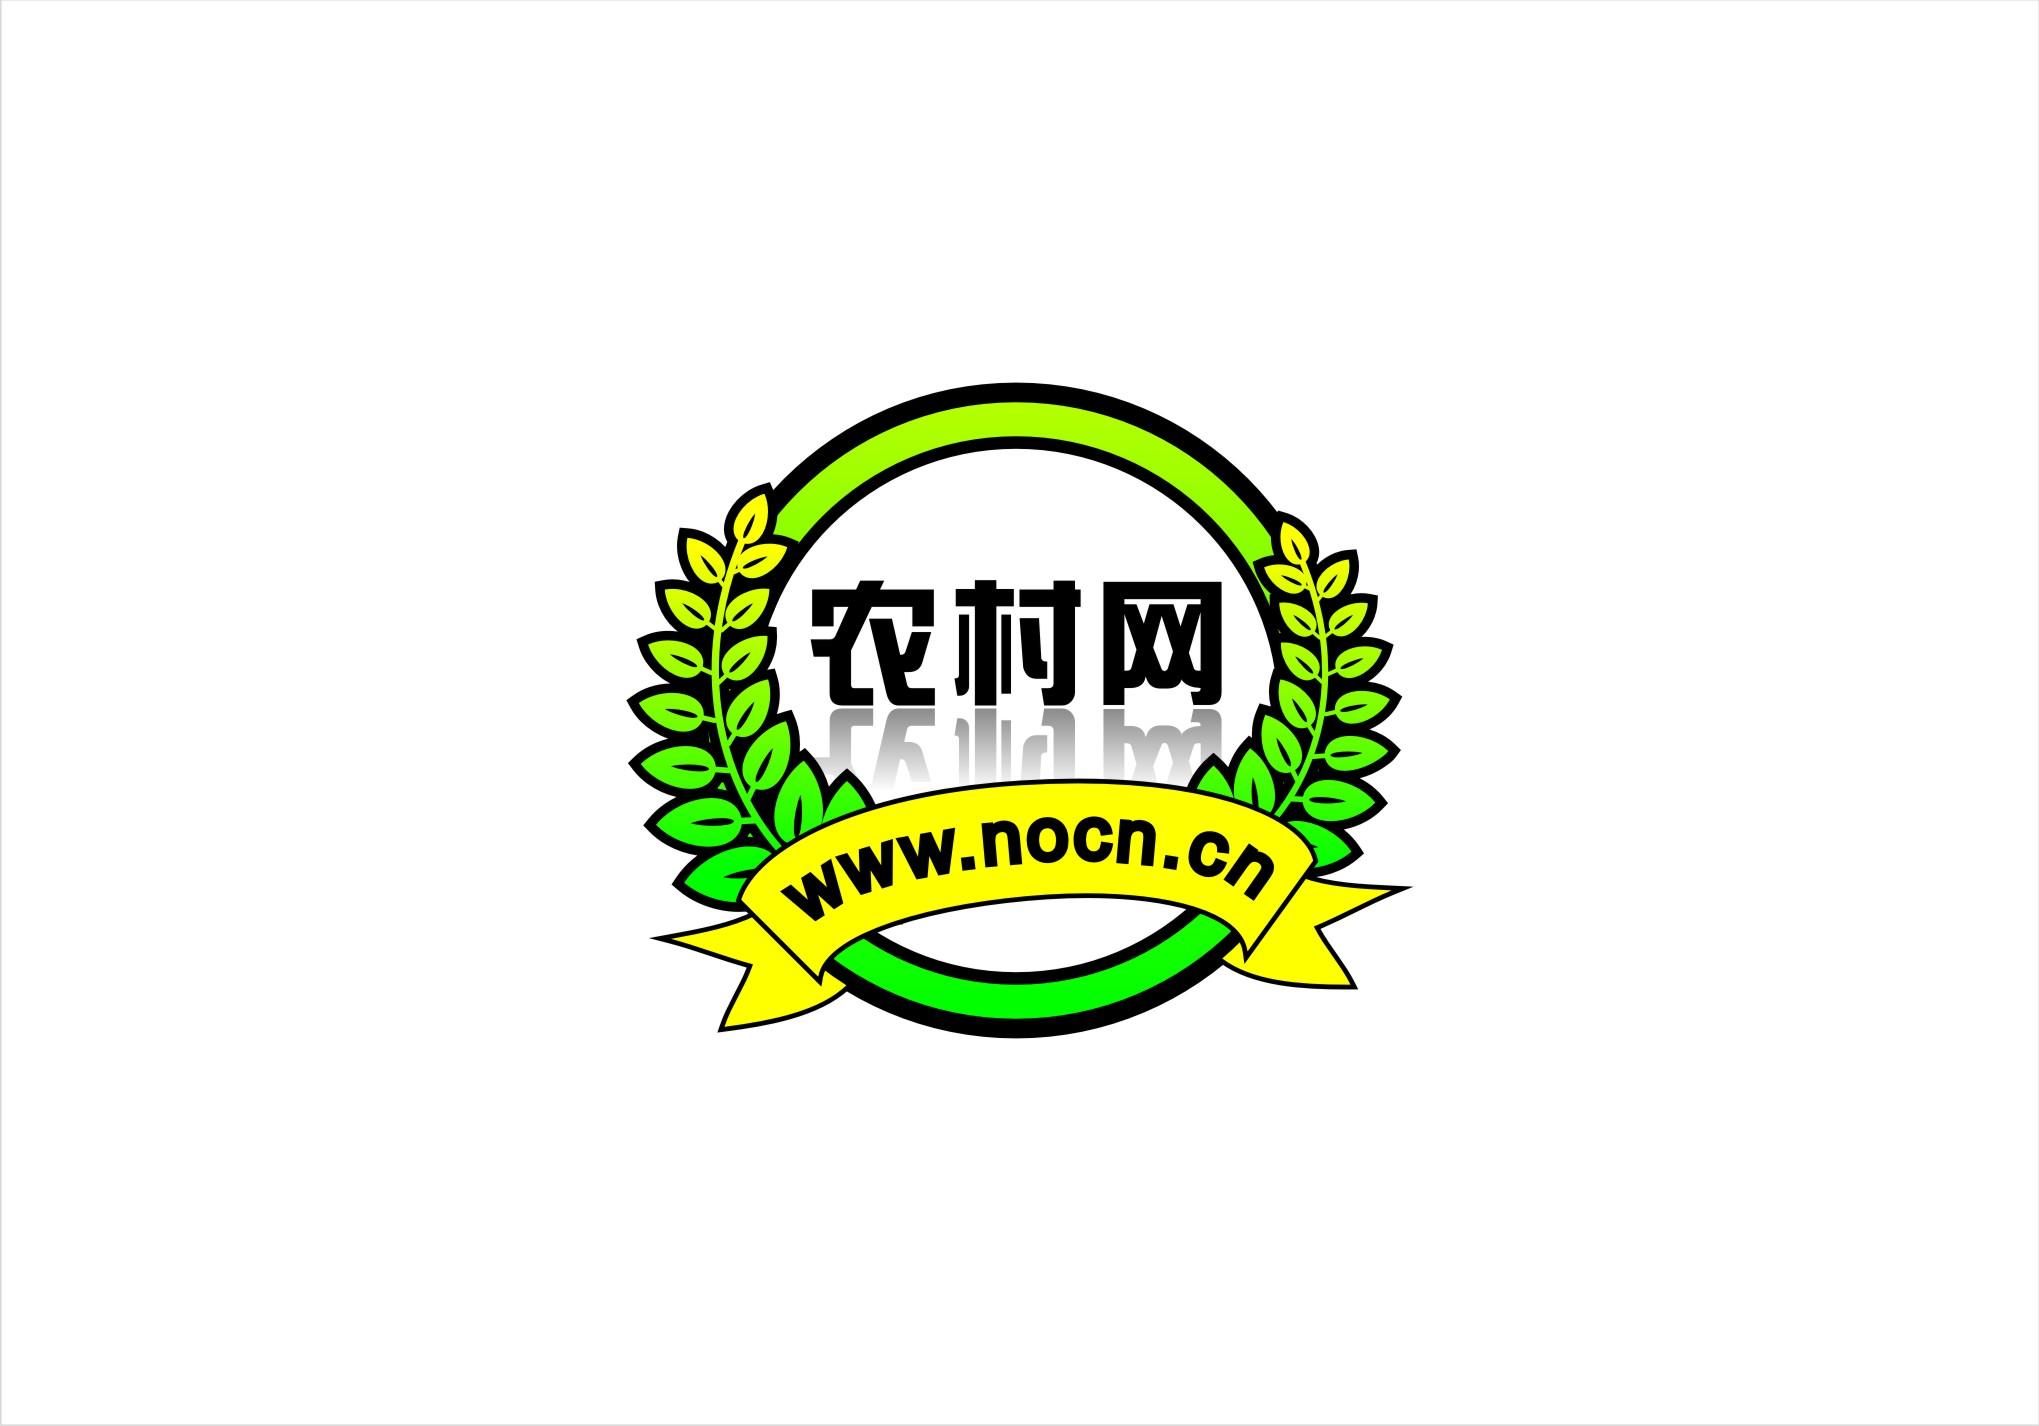 农村网(www.nocn.cn)网站logo设计